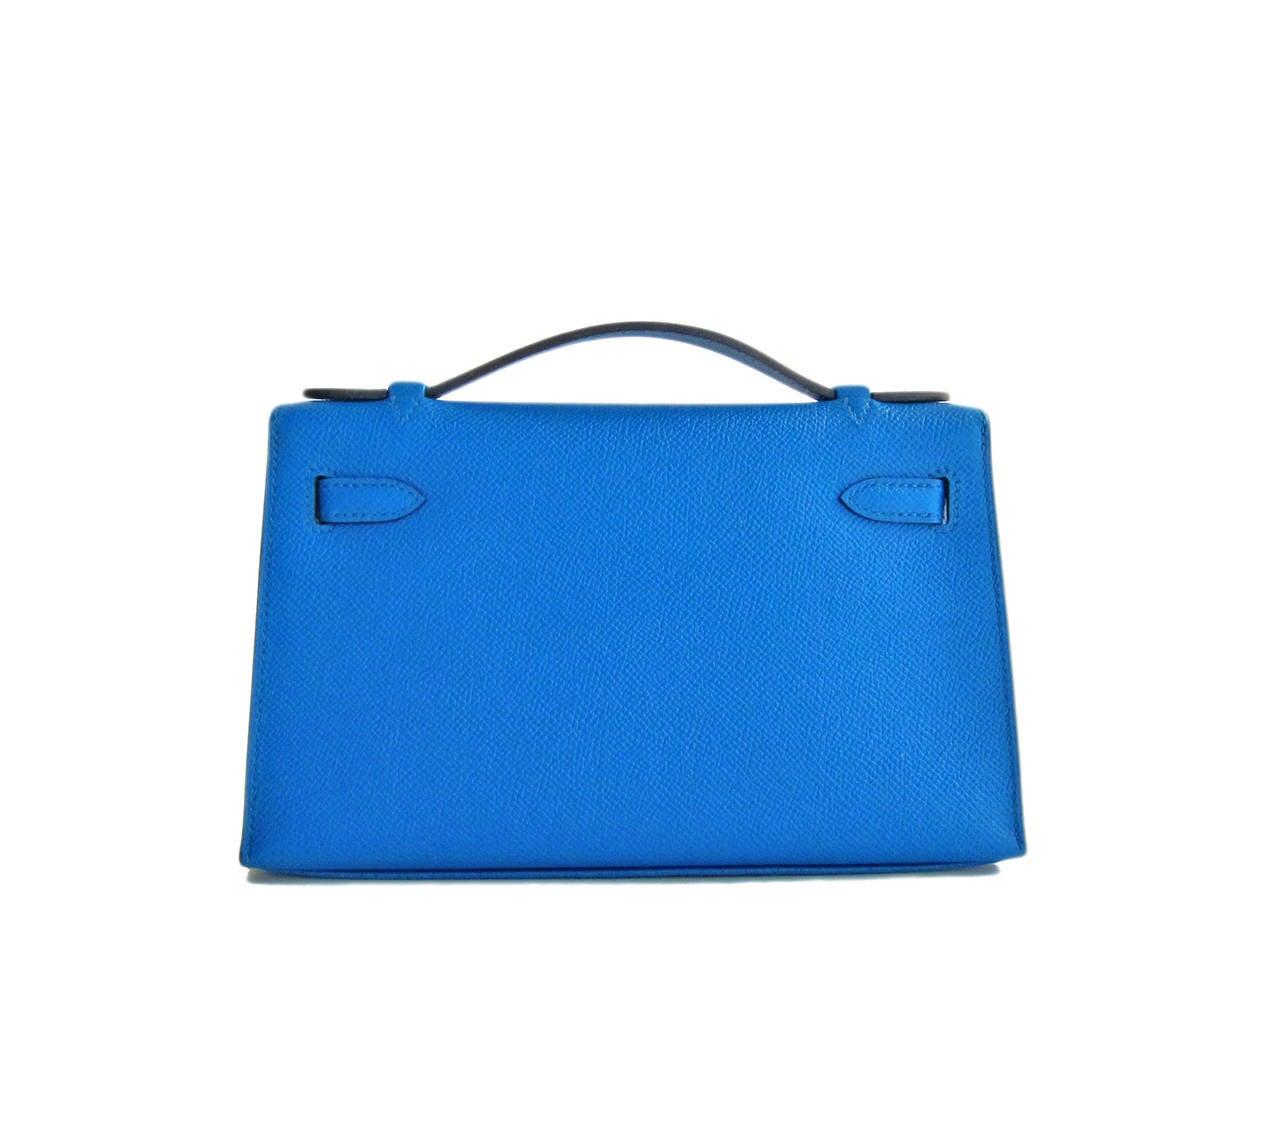 hermes blue izmir gold kelly pochette epsom ghw clutch cut bag insane for sale at 1stdibs. Black Bedroom Furniture Sets. Home Design Ideas